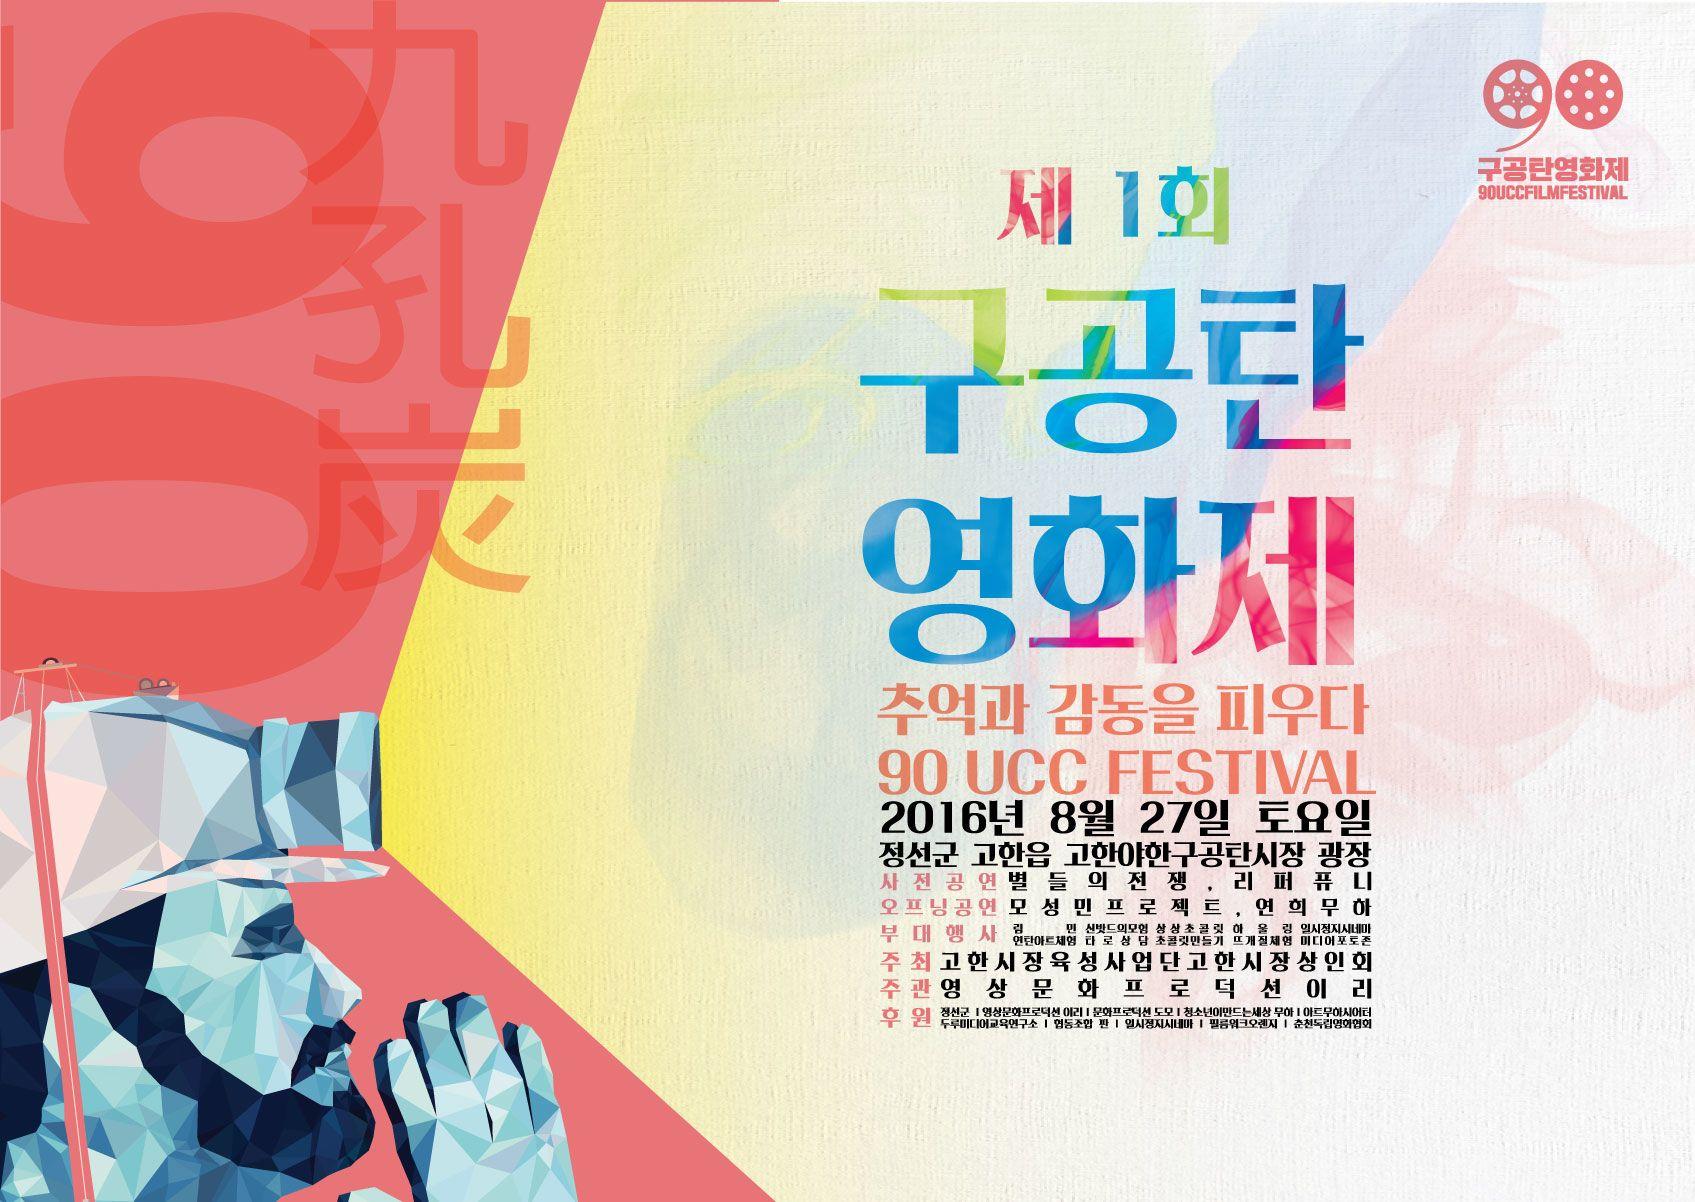 고한시장육성사업단 구공탄영화제 출품작 디지털사진 부문 2회 모집